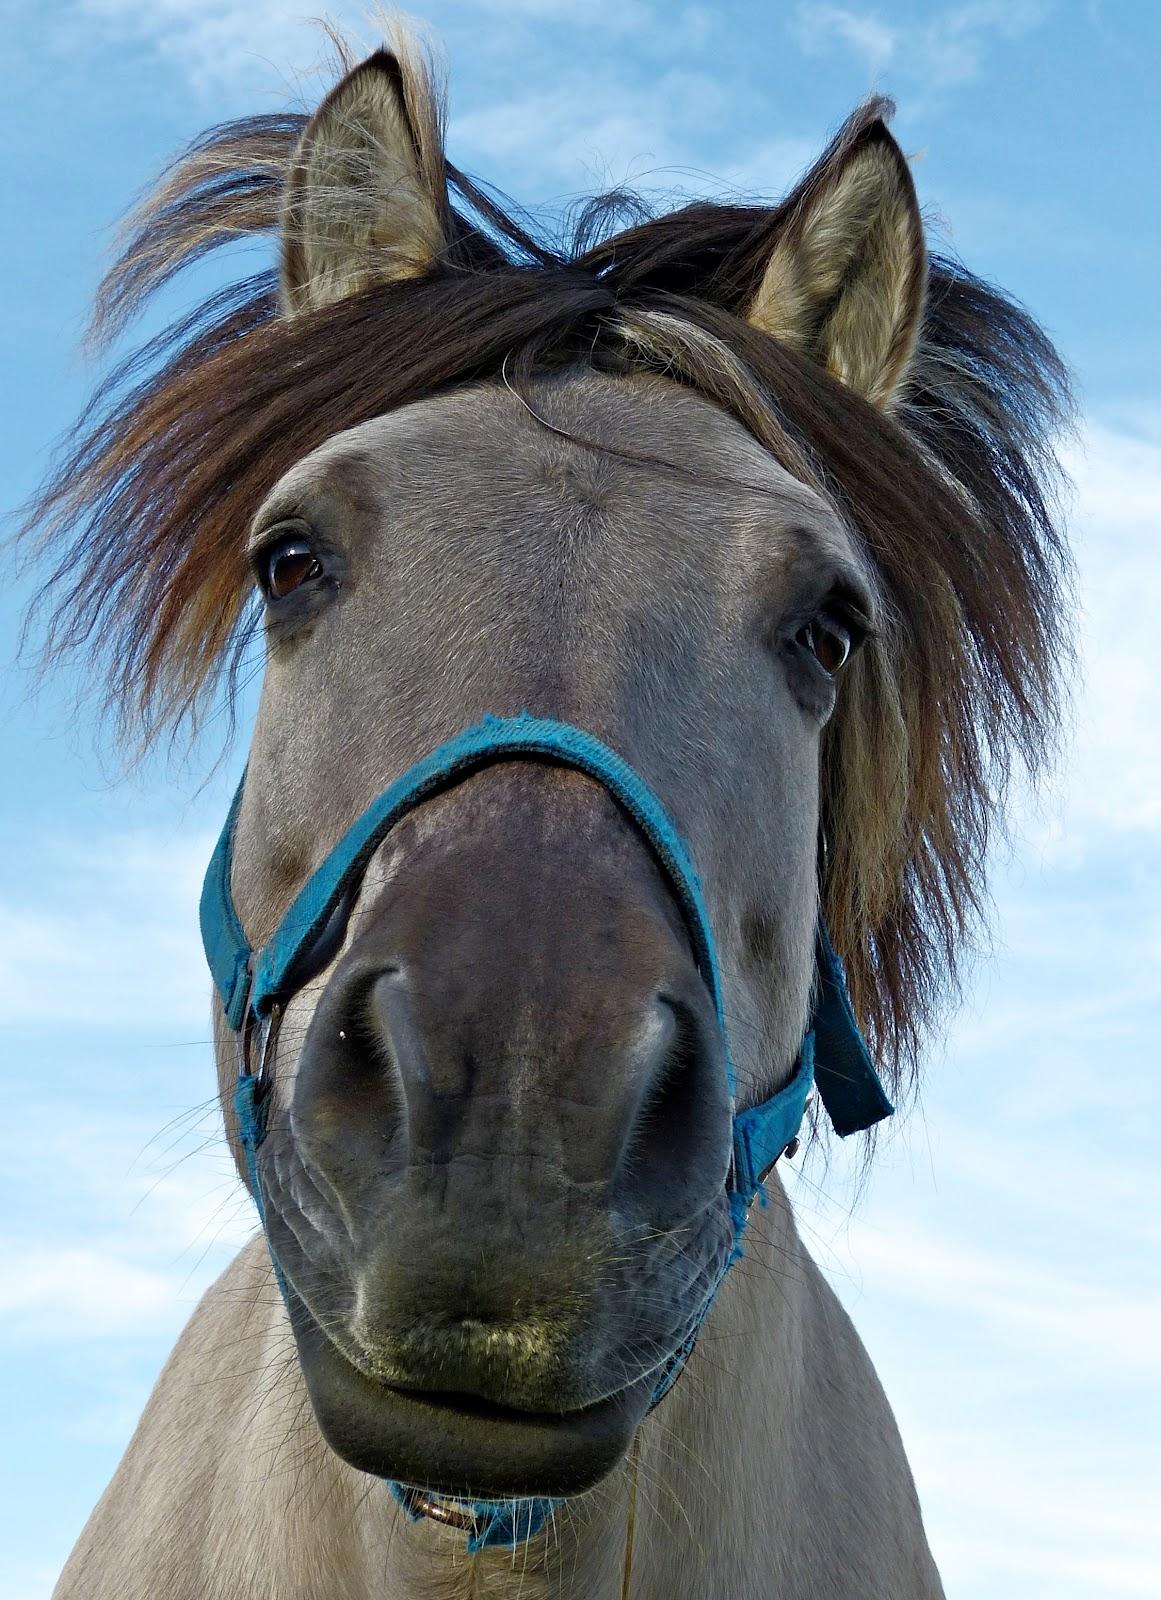 Faccione in primo piano di un cavallo ripreso dal basso